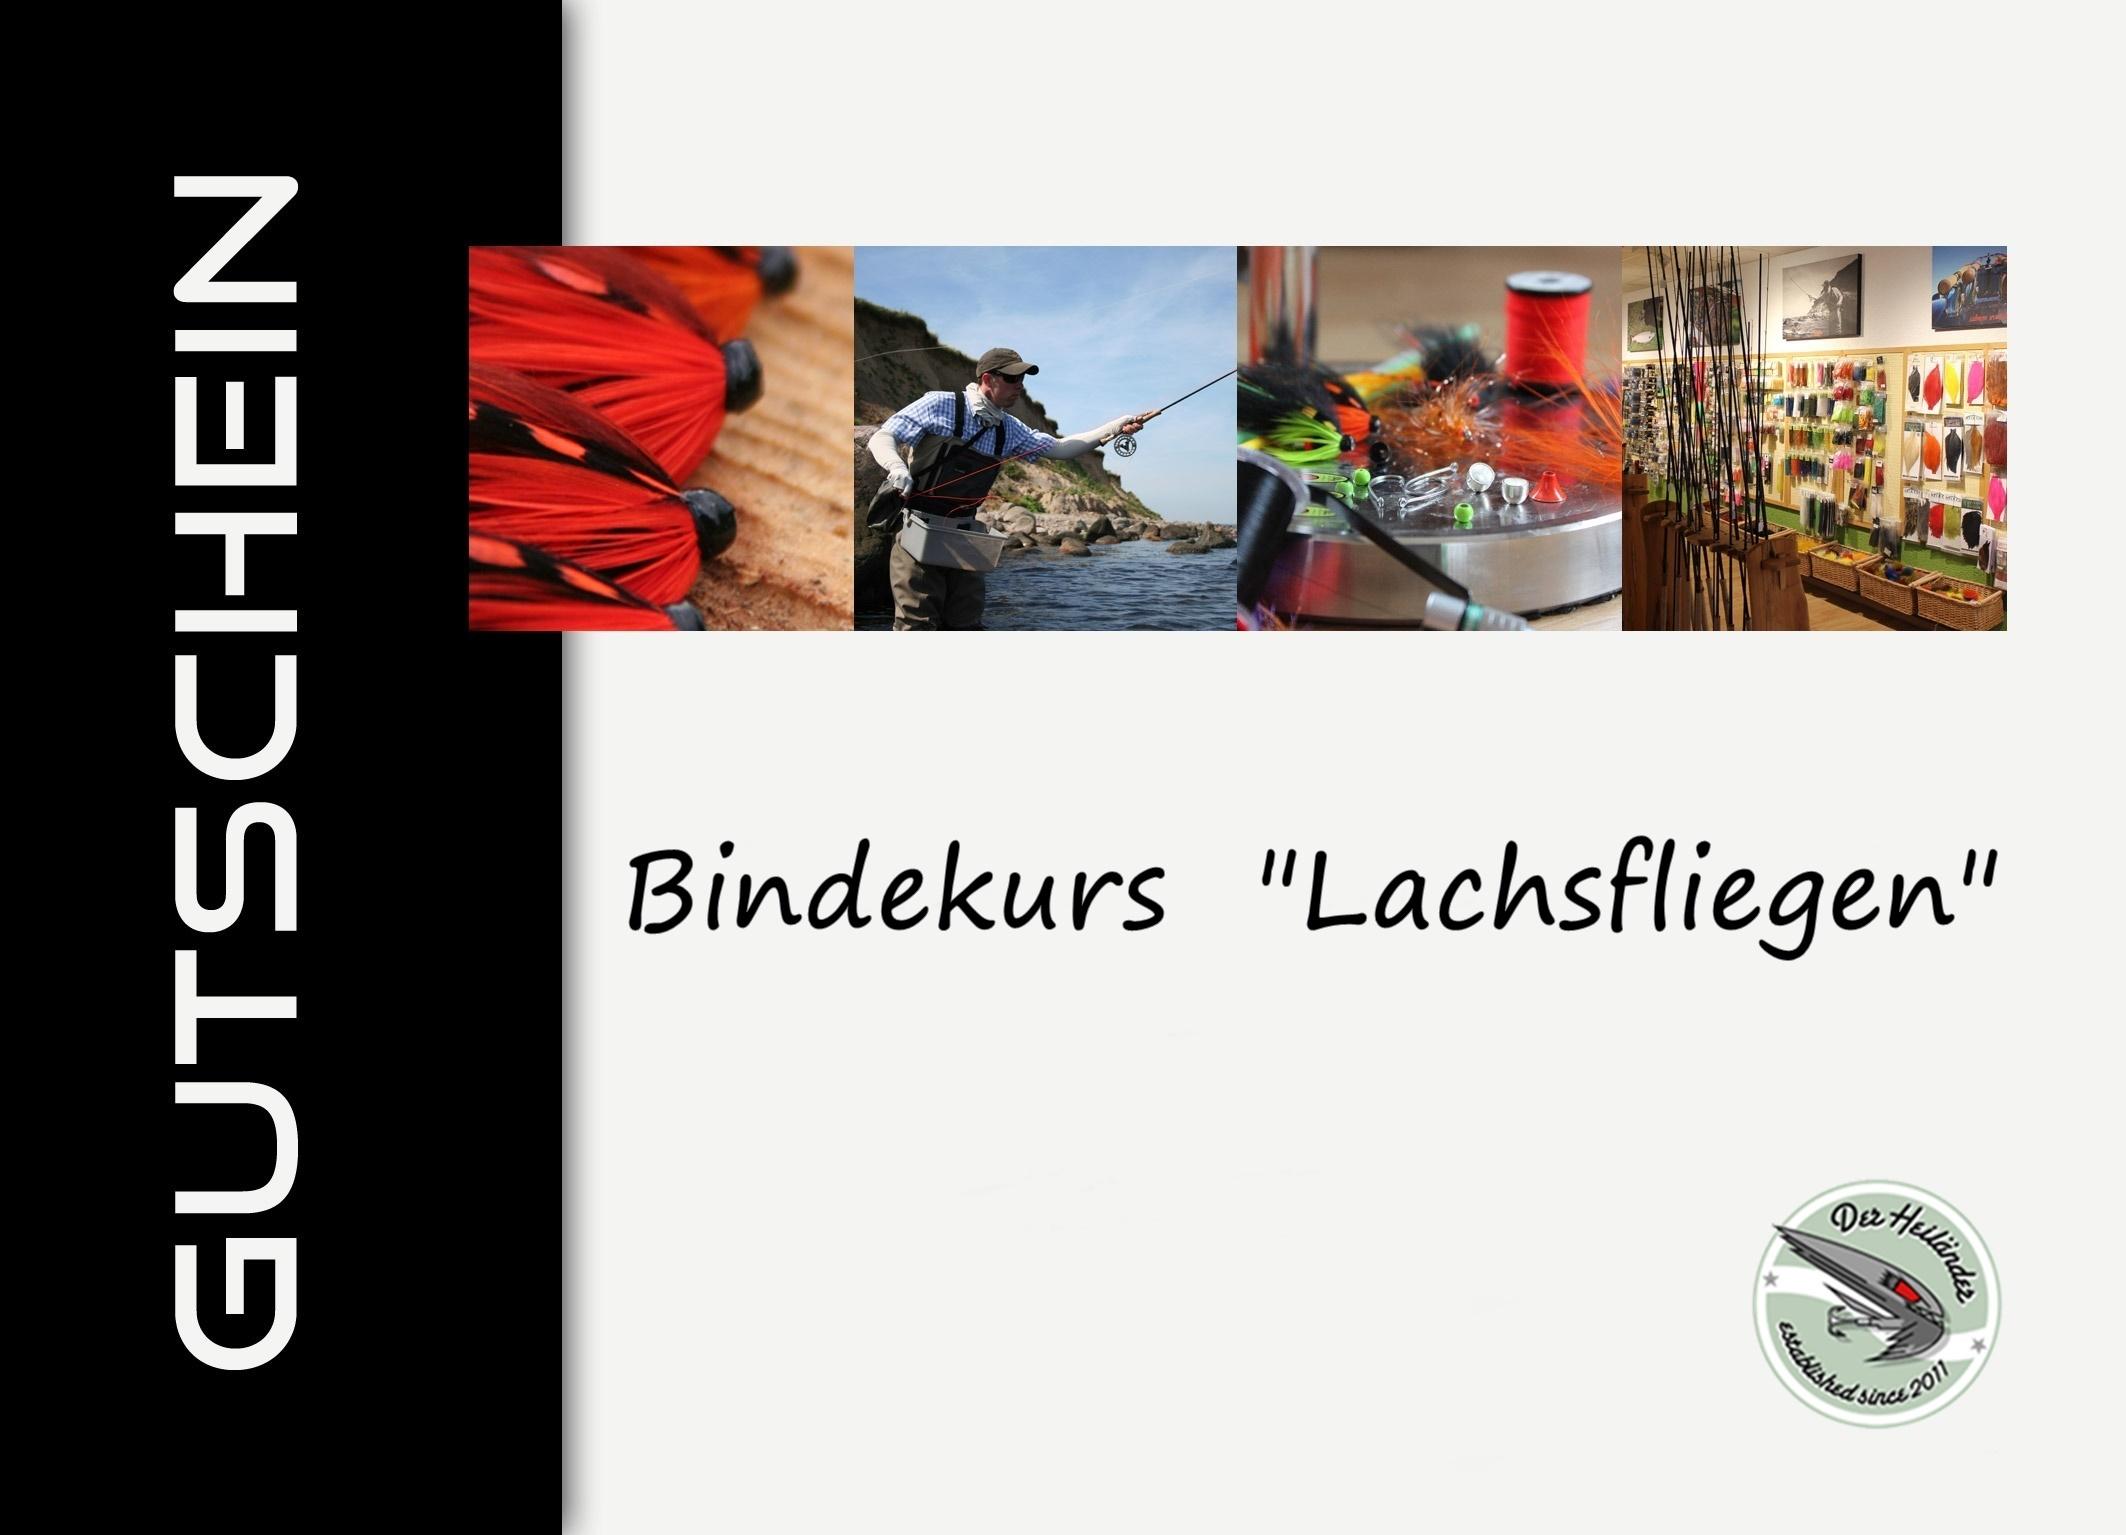 Bindekurs Gutscheine Lachsfliegen - Der Heiländer